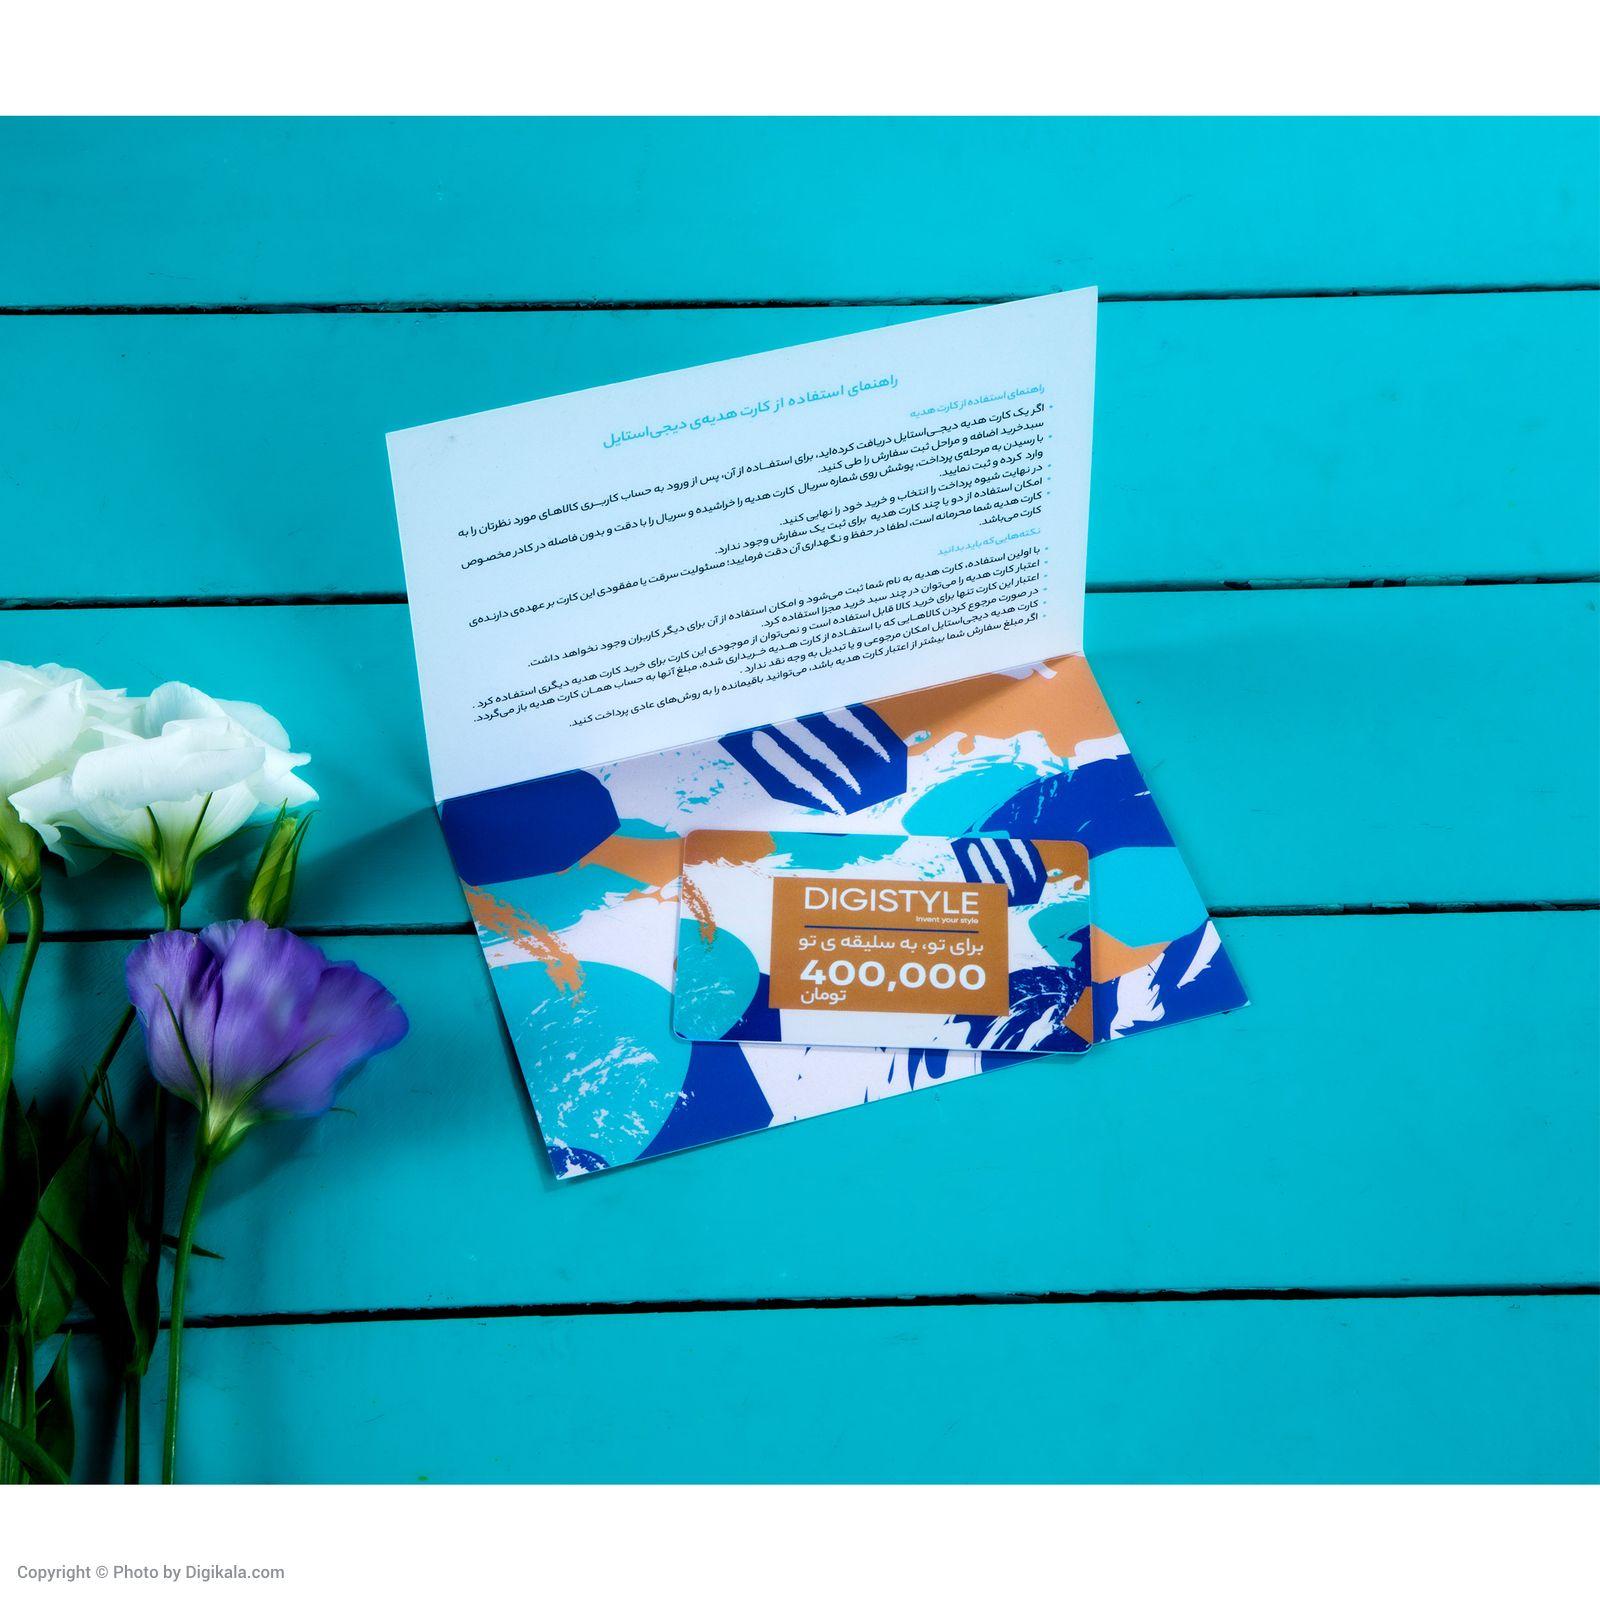 کارت هدیه دیجی استایل به ارزش 400,000 تومان طرح برای تو، به سلیقه ی تو  main 1 4